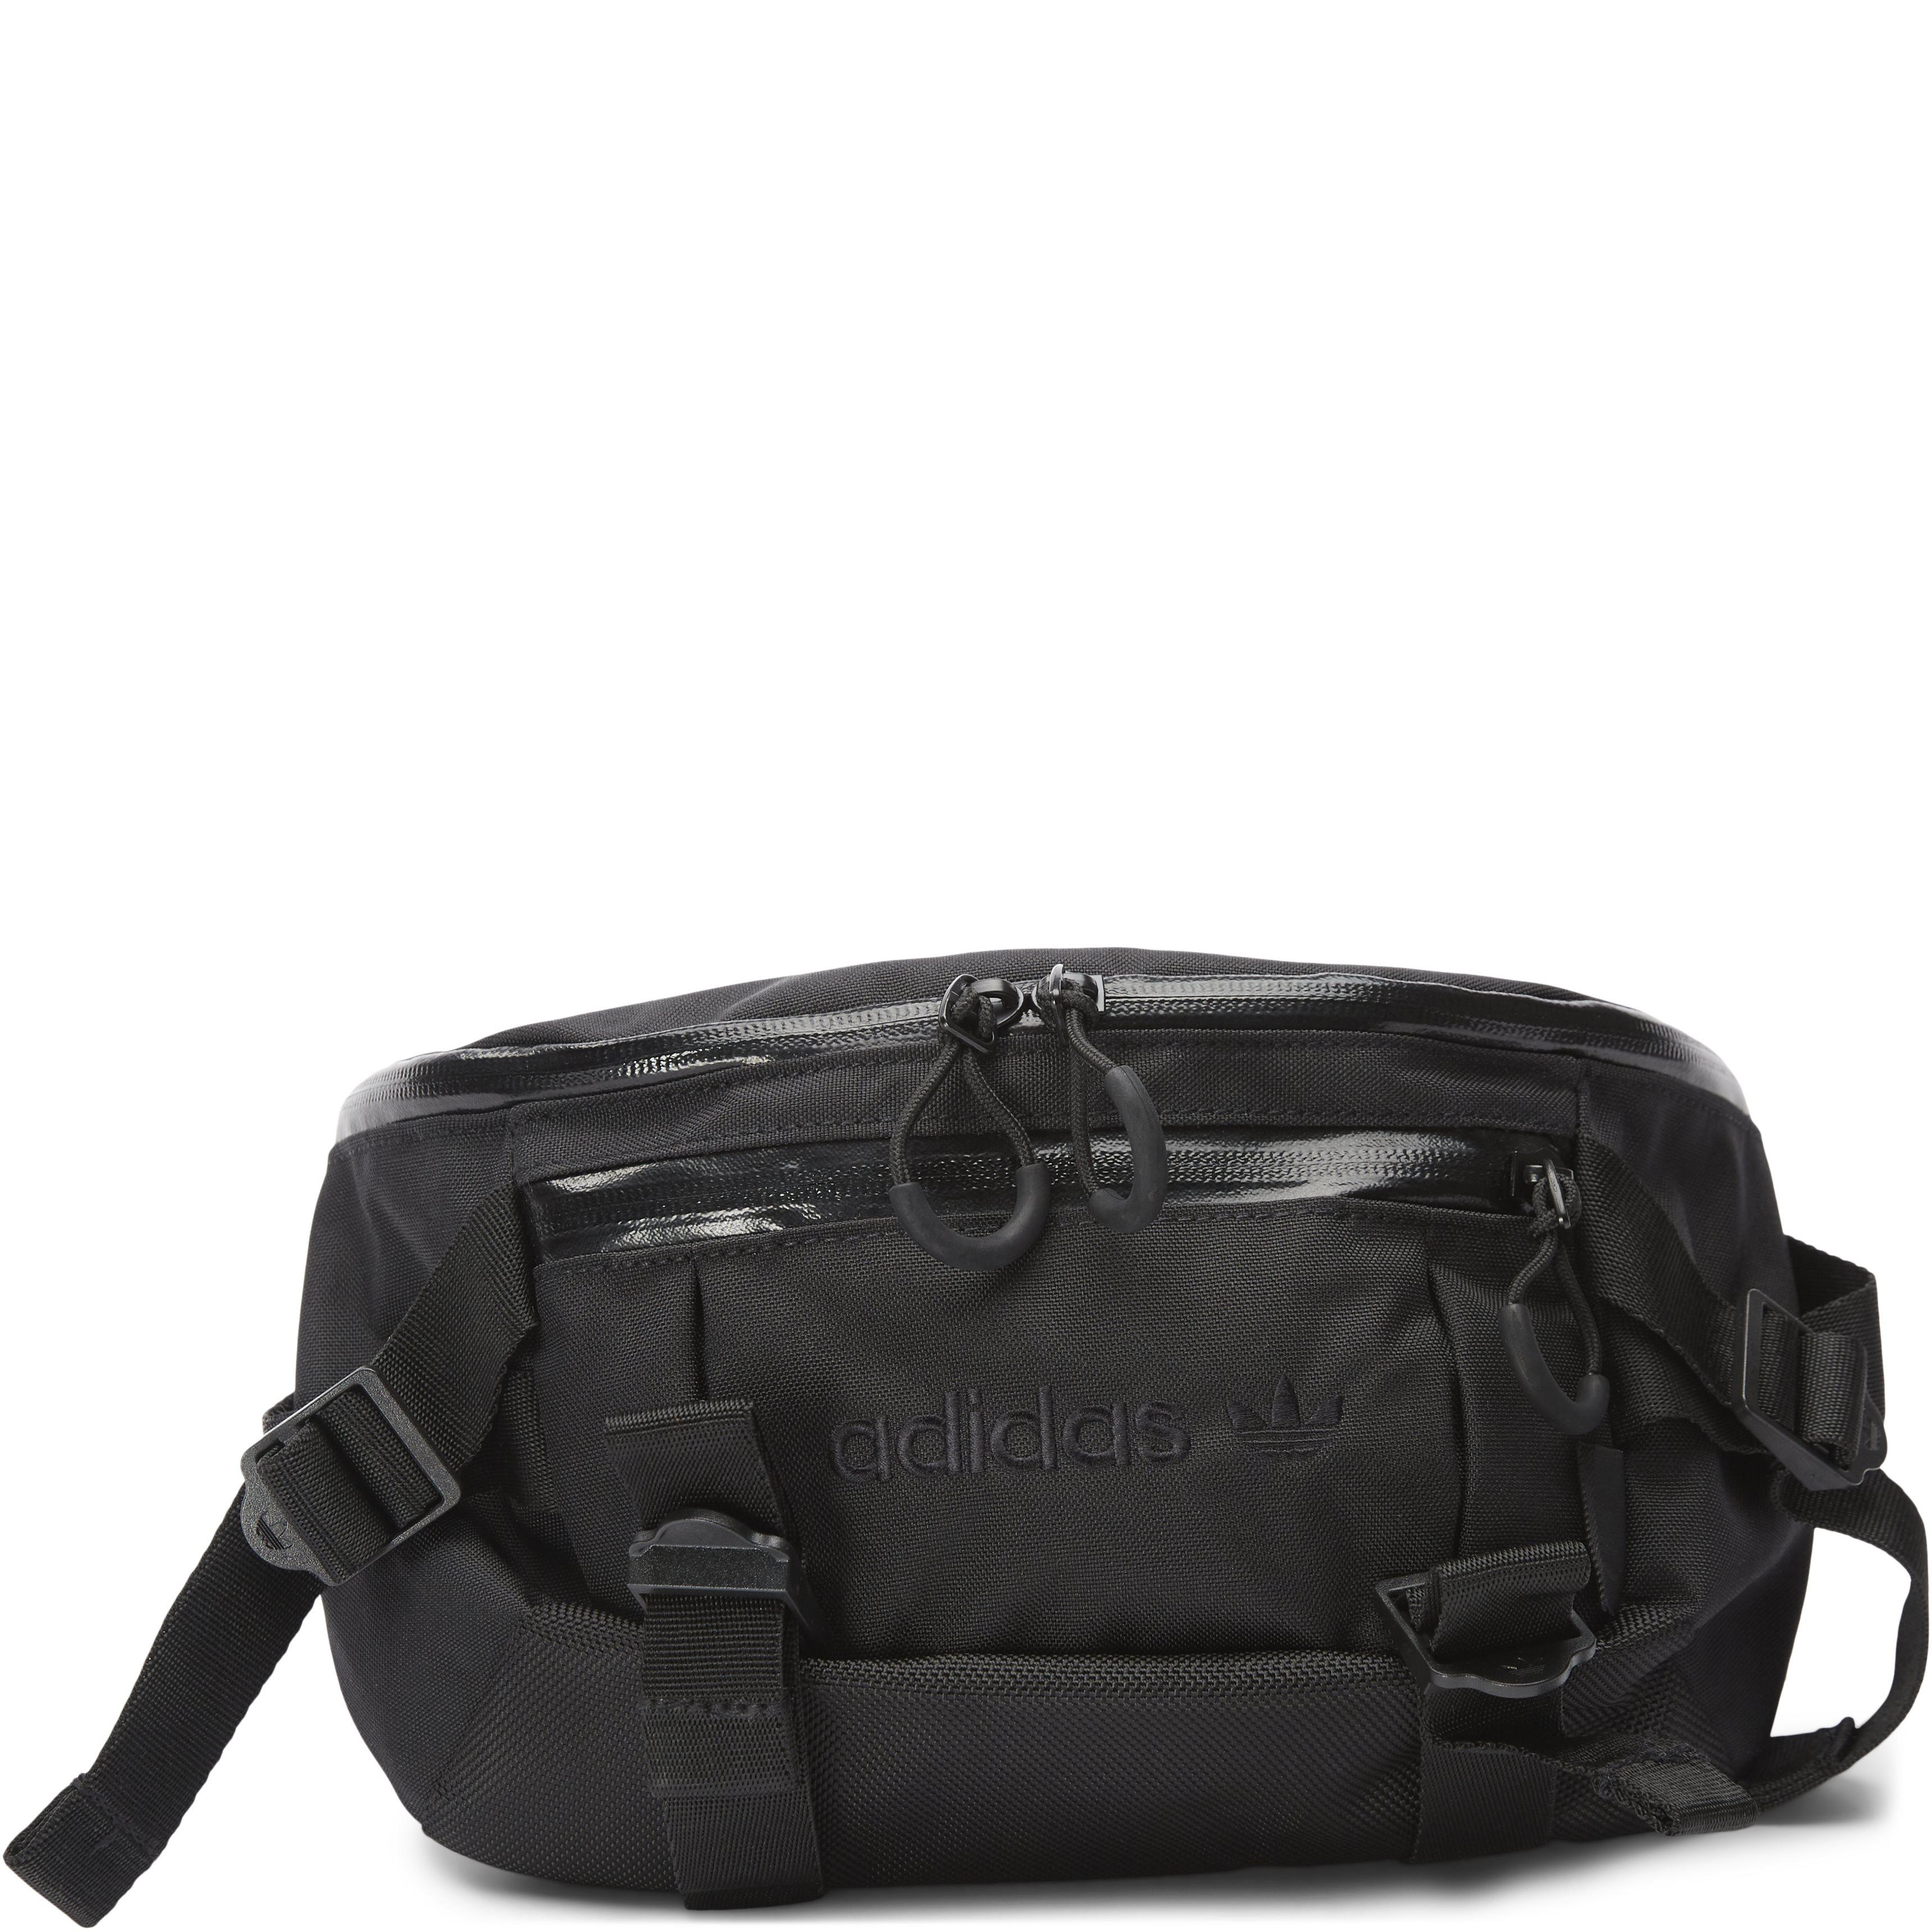 Advntr WB L Bæltetaske - Bags - Black